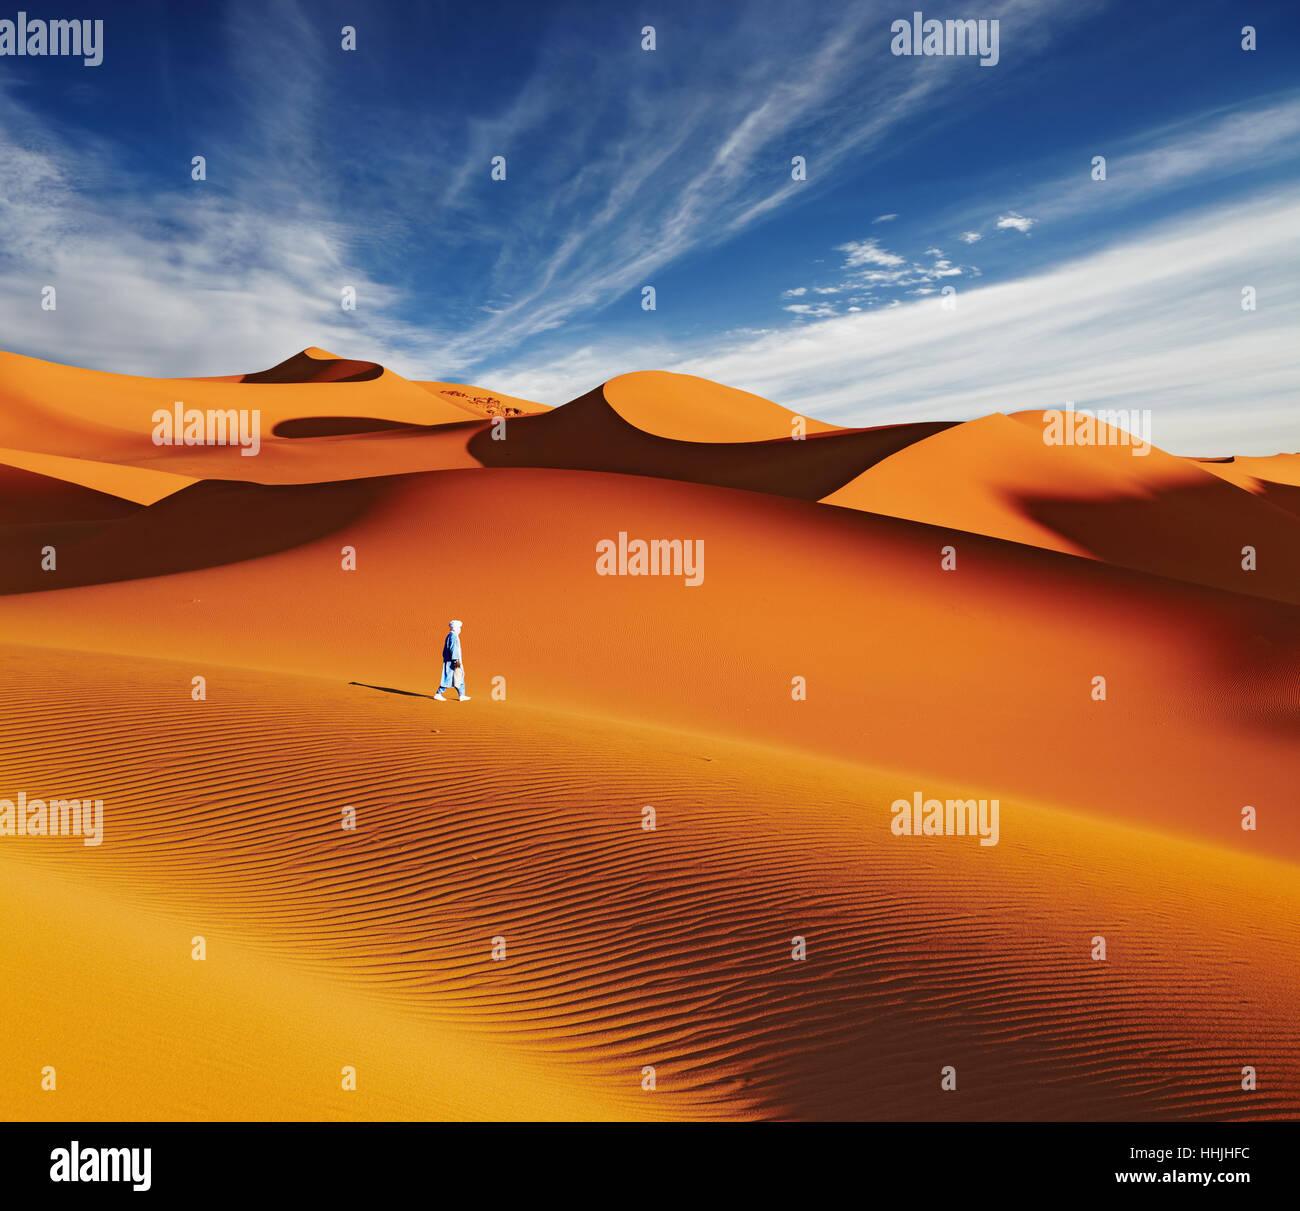 Dunes de sable du désert du Sahara, l'Algérie Banque D'Images